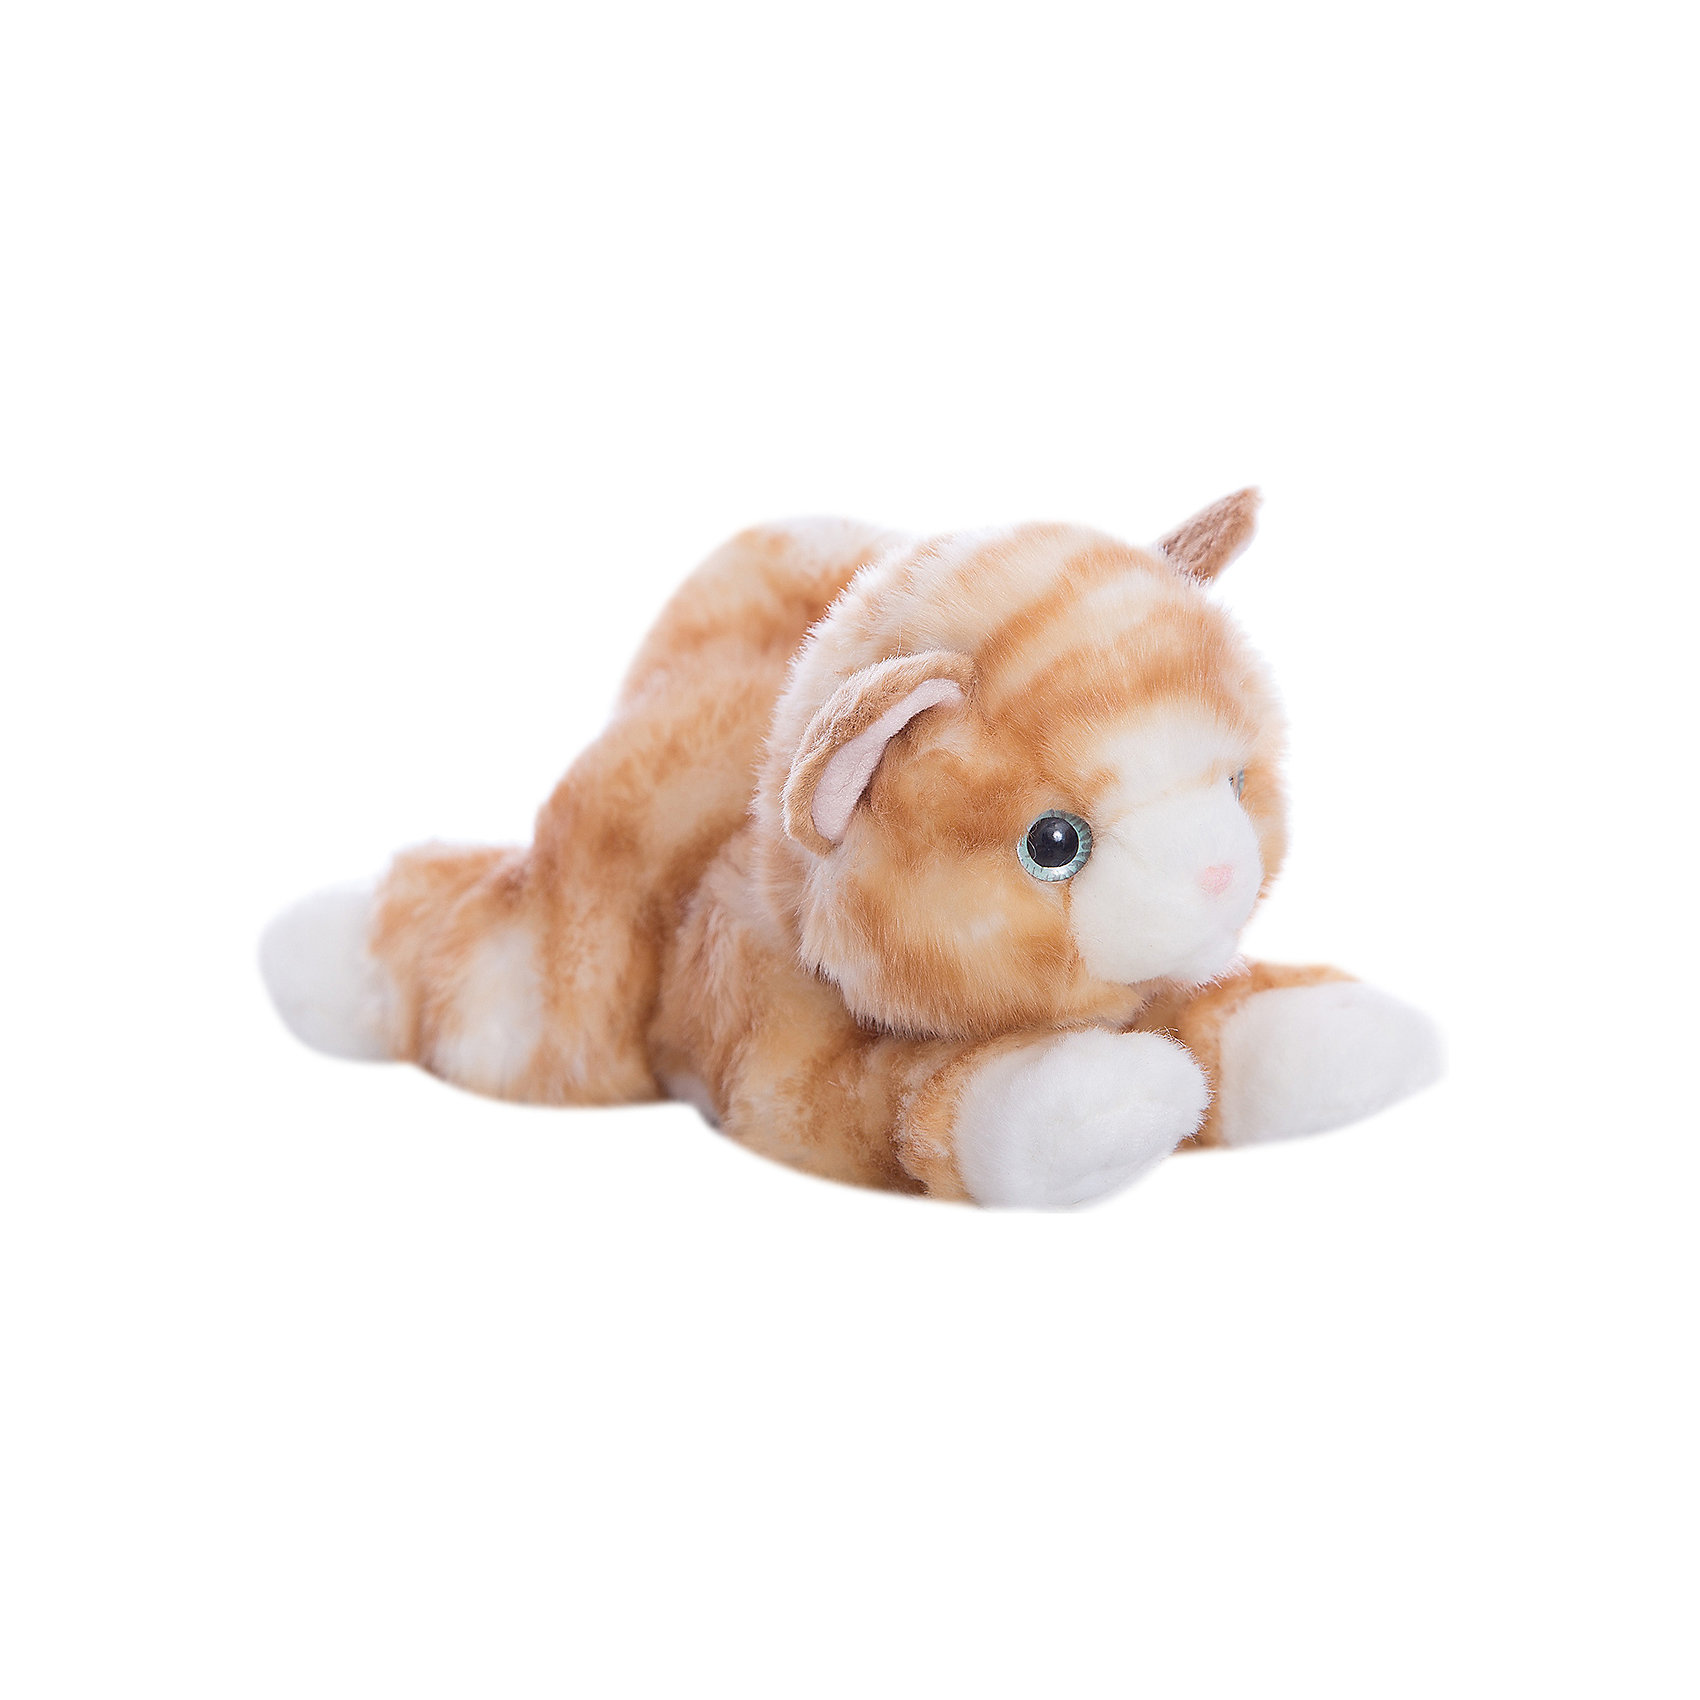 Мягкая игрушка Котик рыжий, 22см, AURORAКрасивый рыжий котик обязательно понравится Вашему ребенку! Котик невероятно мягкий, у него забавный хвостик и лапки и милый розовый носик, а еще, у котика очаровательные глазки.<br><br>Дополнительная информация:<br><br>- Возраст: от 3 лет.<br>- Материал: плюш, синтепон.<br>- Цвет: рыжий.<br>- Высота игрушки: 22 см.<br><br>Купить мягкую игрушку Котик можно в нашем магазине.<br><br>Ширина мм: 220<br>Глубина мм: 80<br>Высота мм: 120<br>Вес г: 179<br>Возраст от месяцев: 36<br>Возраст до месяцев: 120<br>Пол: Унисекс<br>Возраст: Детский<br>SKU: 4929029